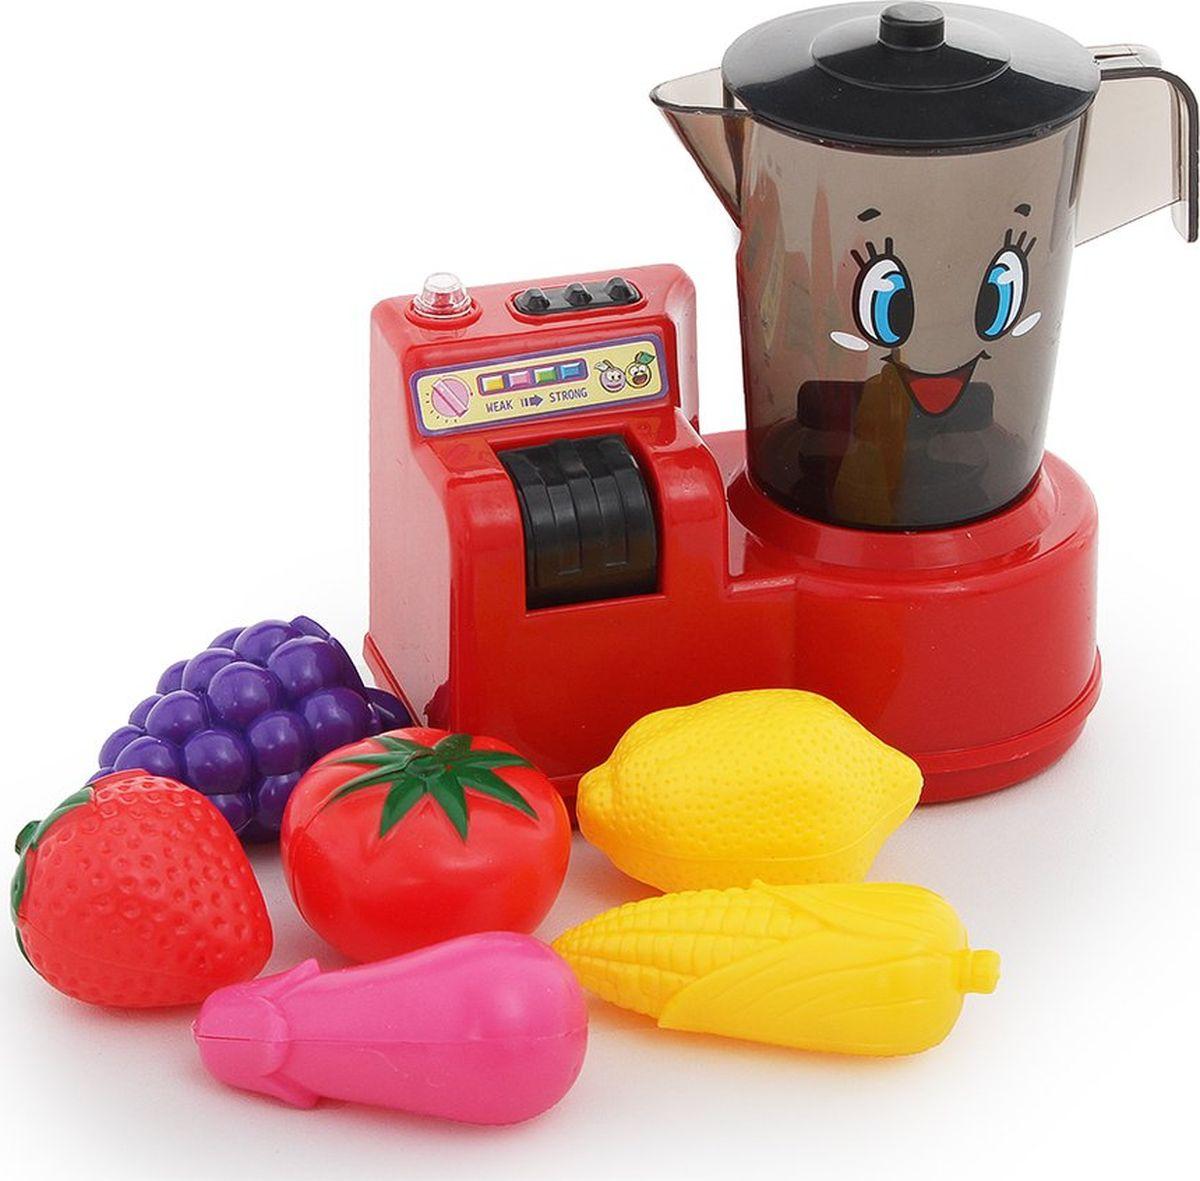 """Сюжетно-ролевые игрушки Fudaer Игровой набор """"Бытовая техника. Кухонный комбайн с аксессуарами"""" красный"""